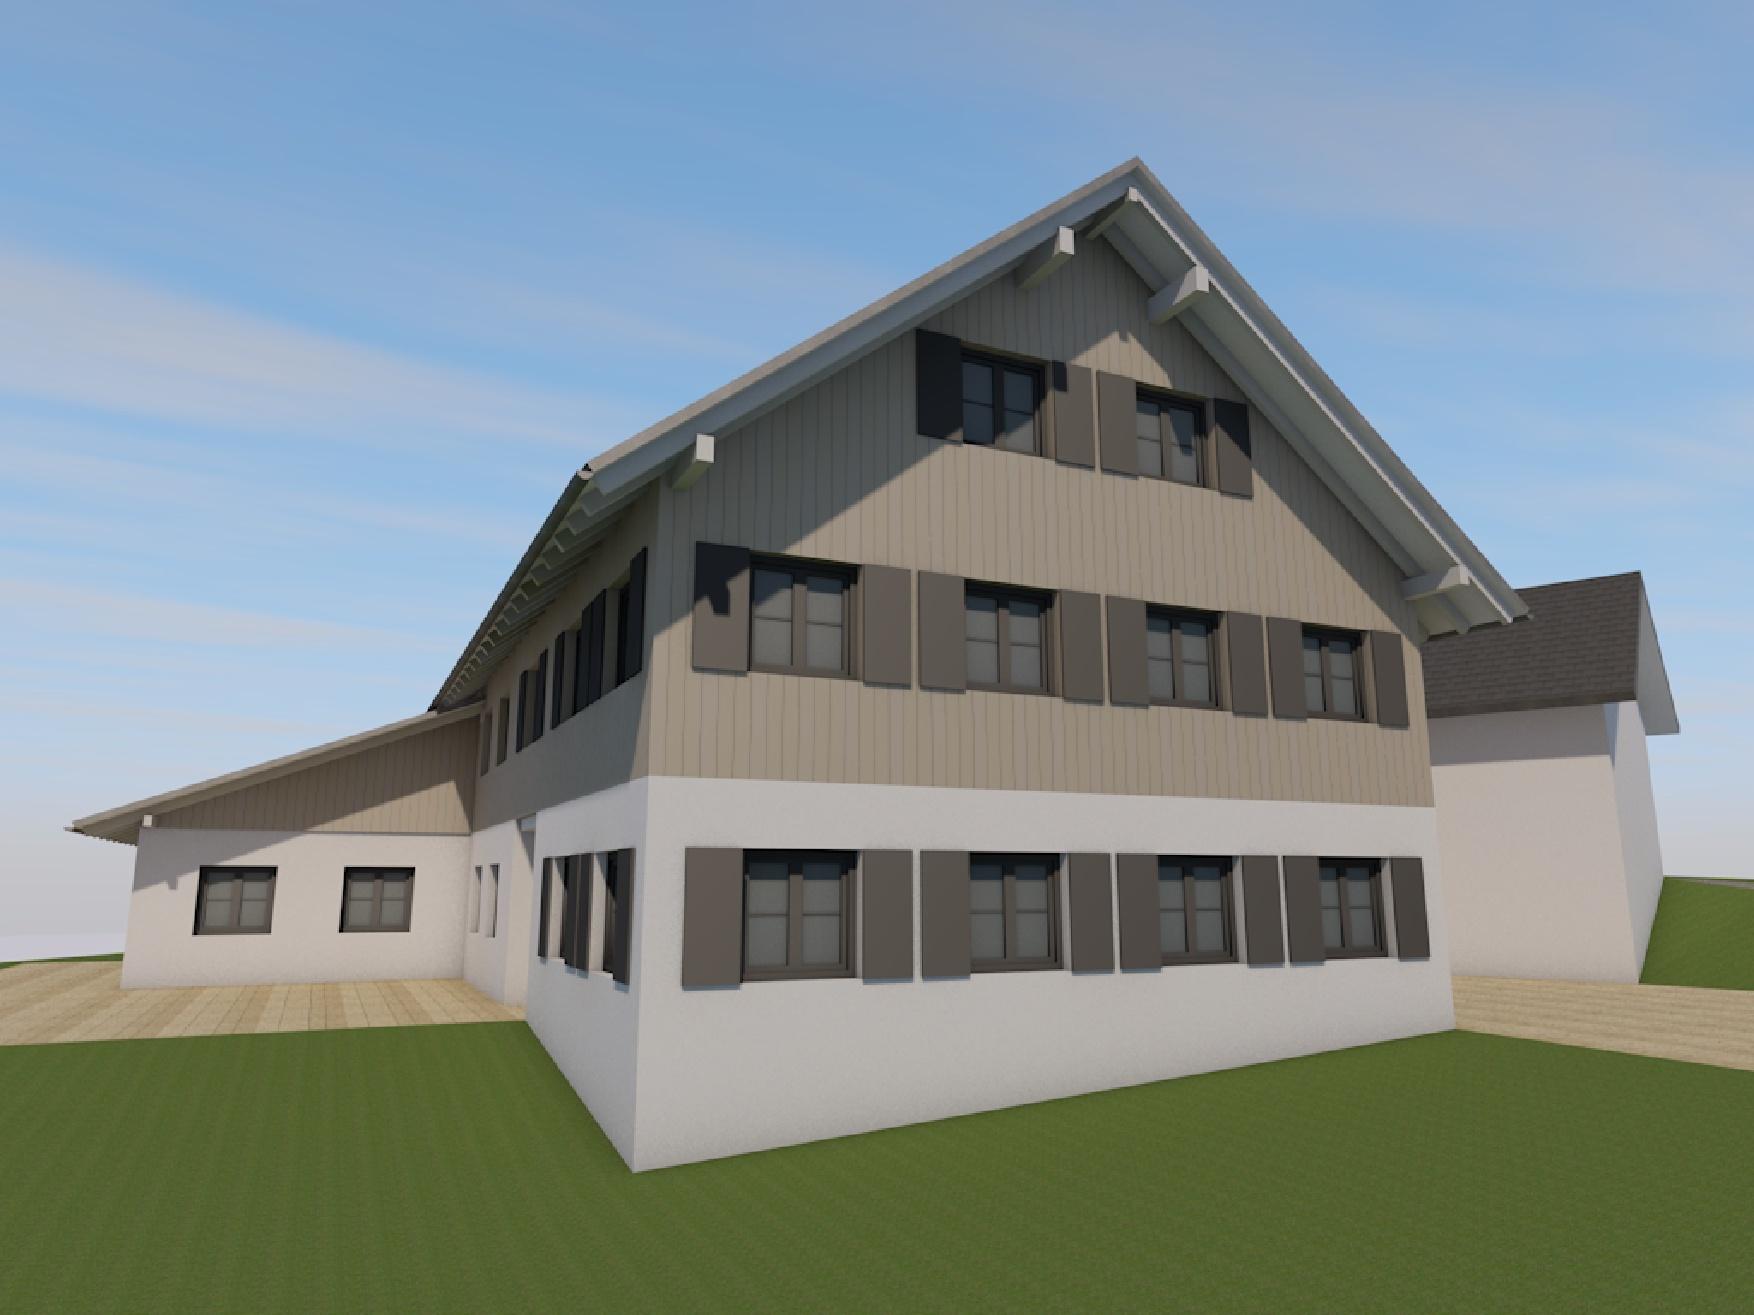 Visualisierung, Seitenansicht, Sanierung Bauernhof in Niederstaufen